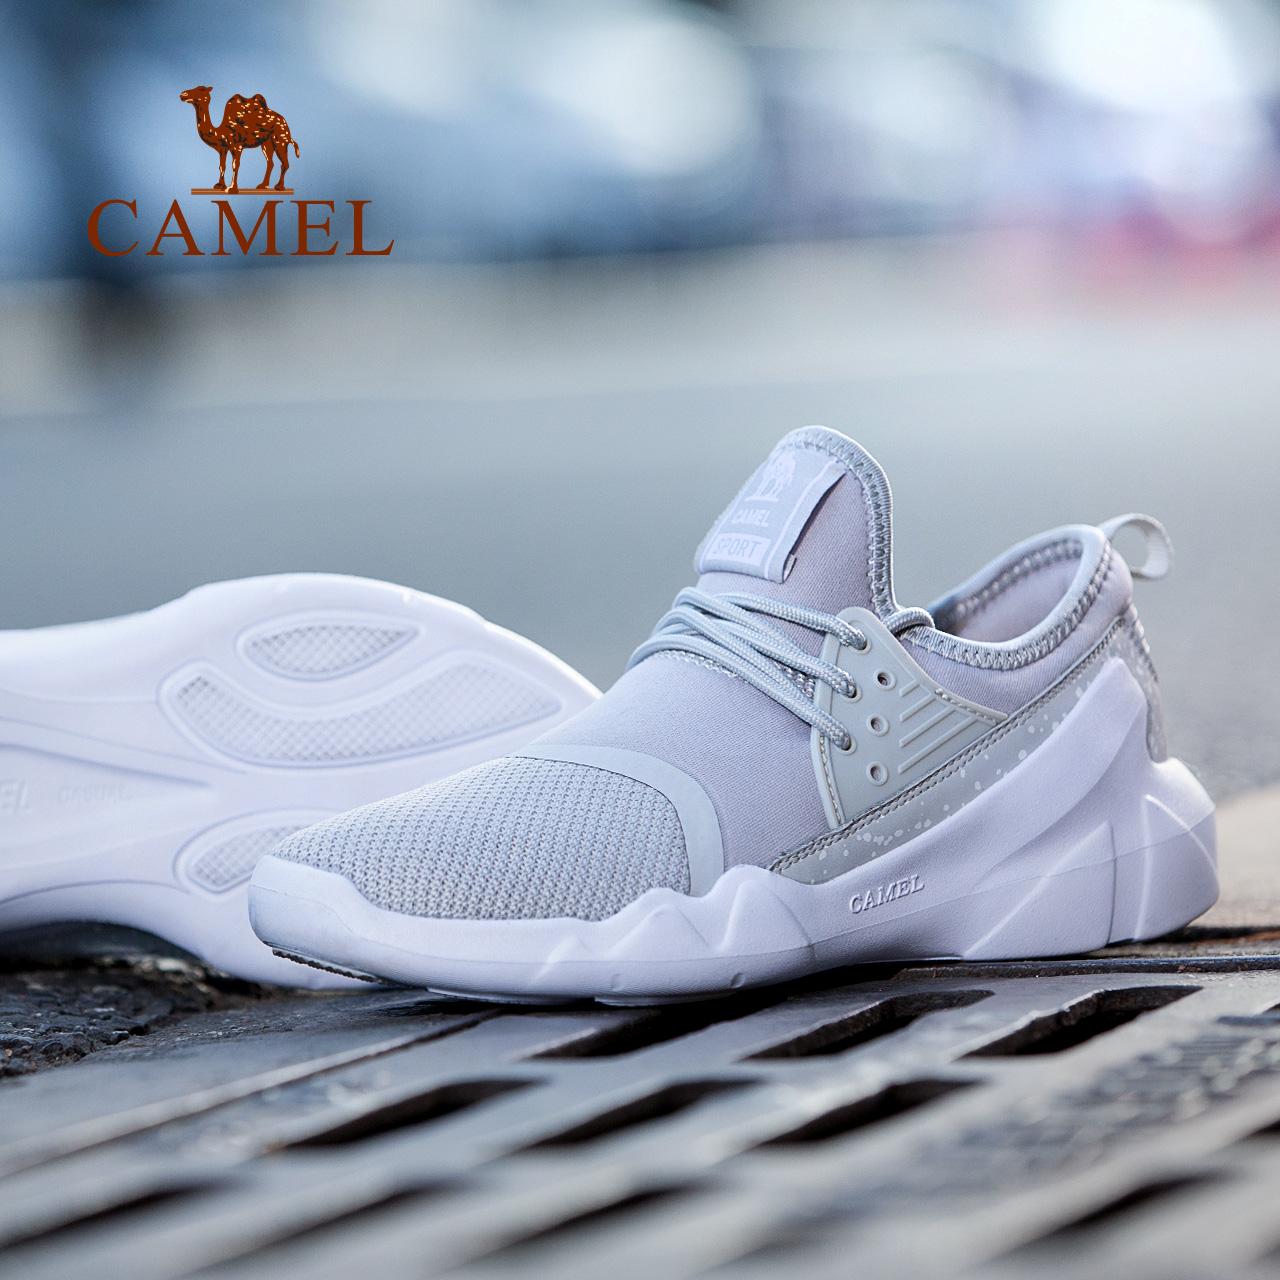 骆驼运动鞋女 2018夏新款时尚休闲潮流运动鞋子 轻便透气减震跑鞋